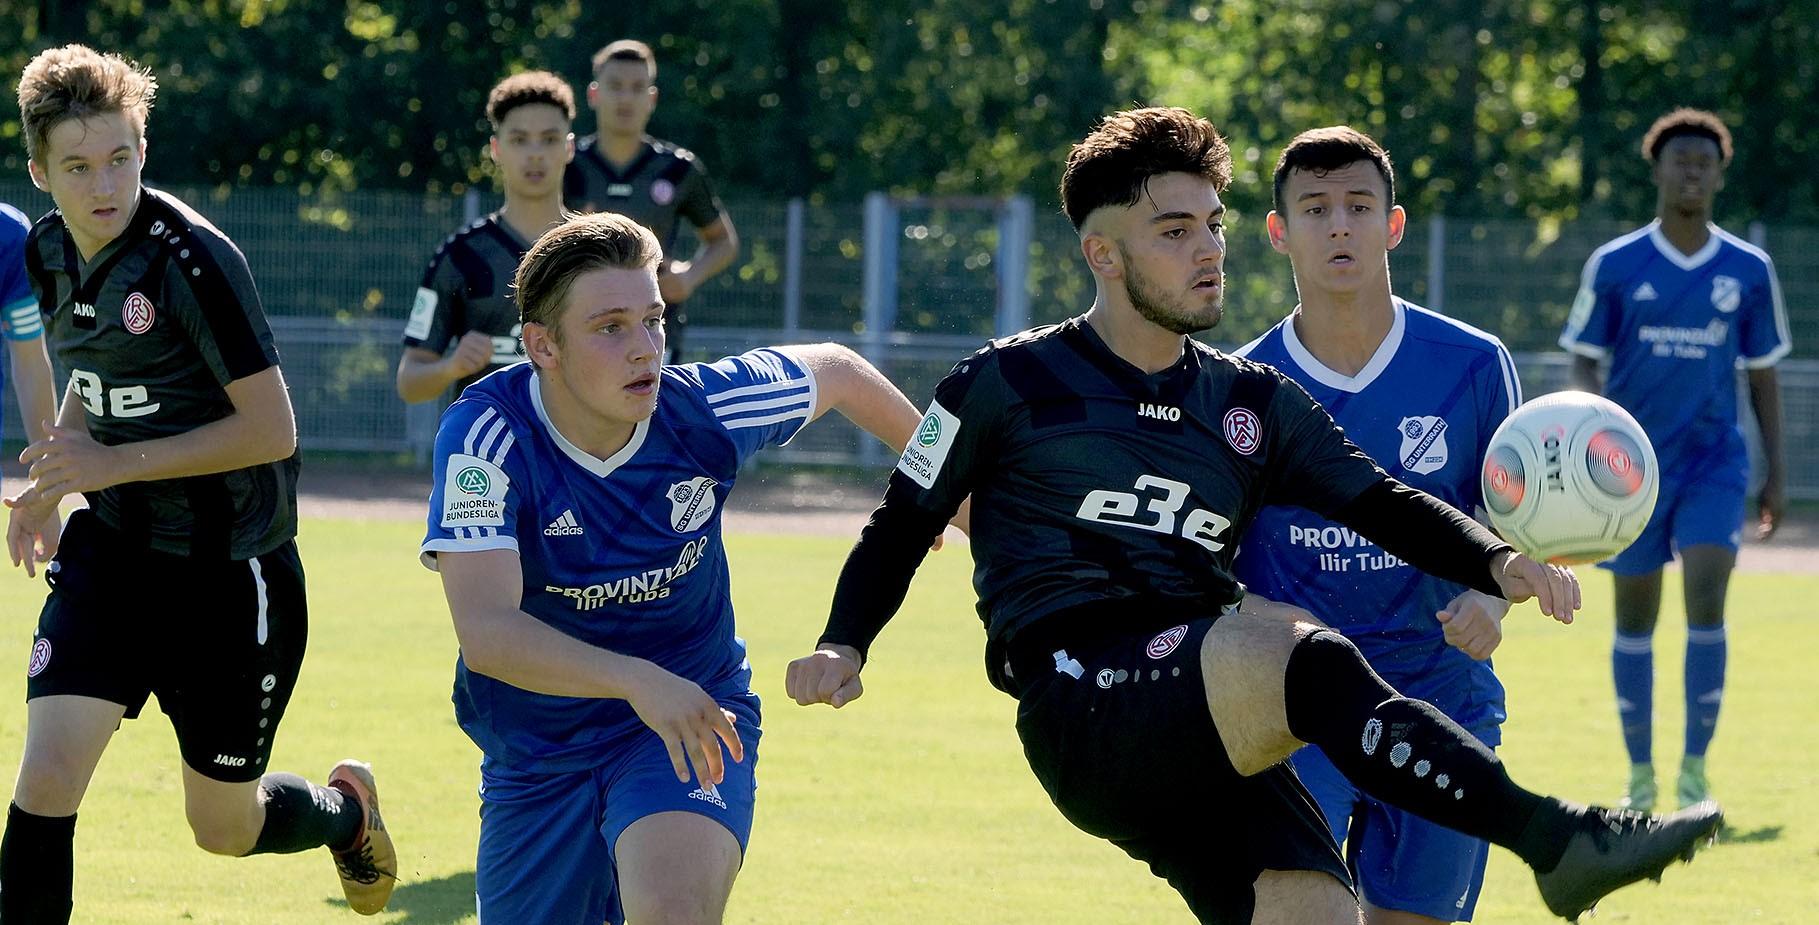 Die RWE-U17 musste sich im Duell mit Borussia Dortmund geschlagen geben. (Foto: Gohl)